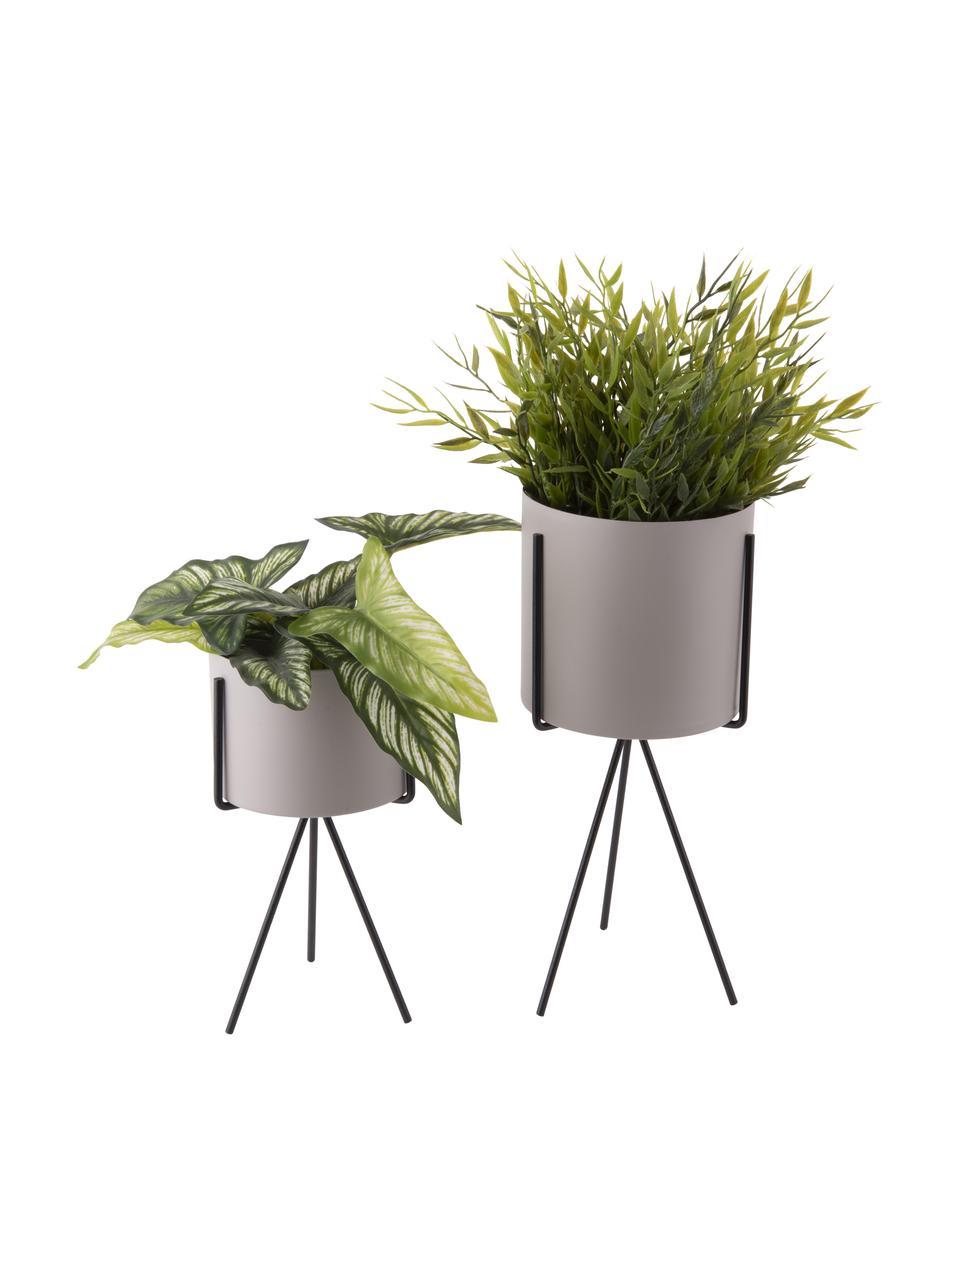 Kleines Übertopf-Set Pedestal aus Metall, 2-tlg., Metall, beschichtet, Grau, Schwarz, Set mit verschiedenen Größen